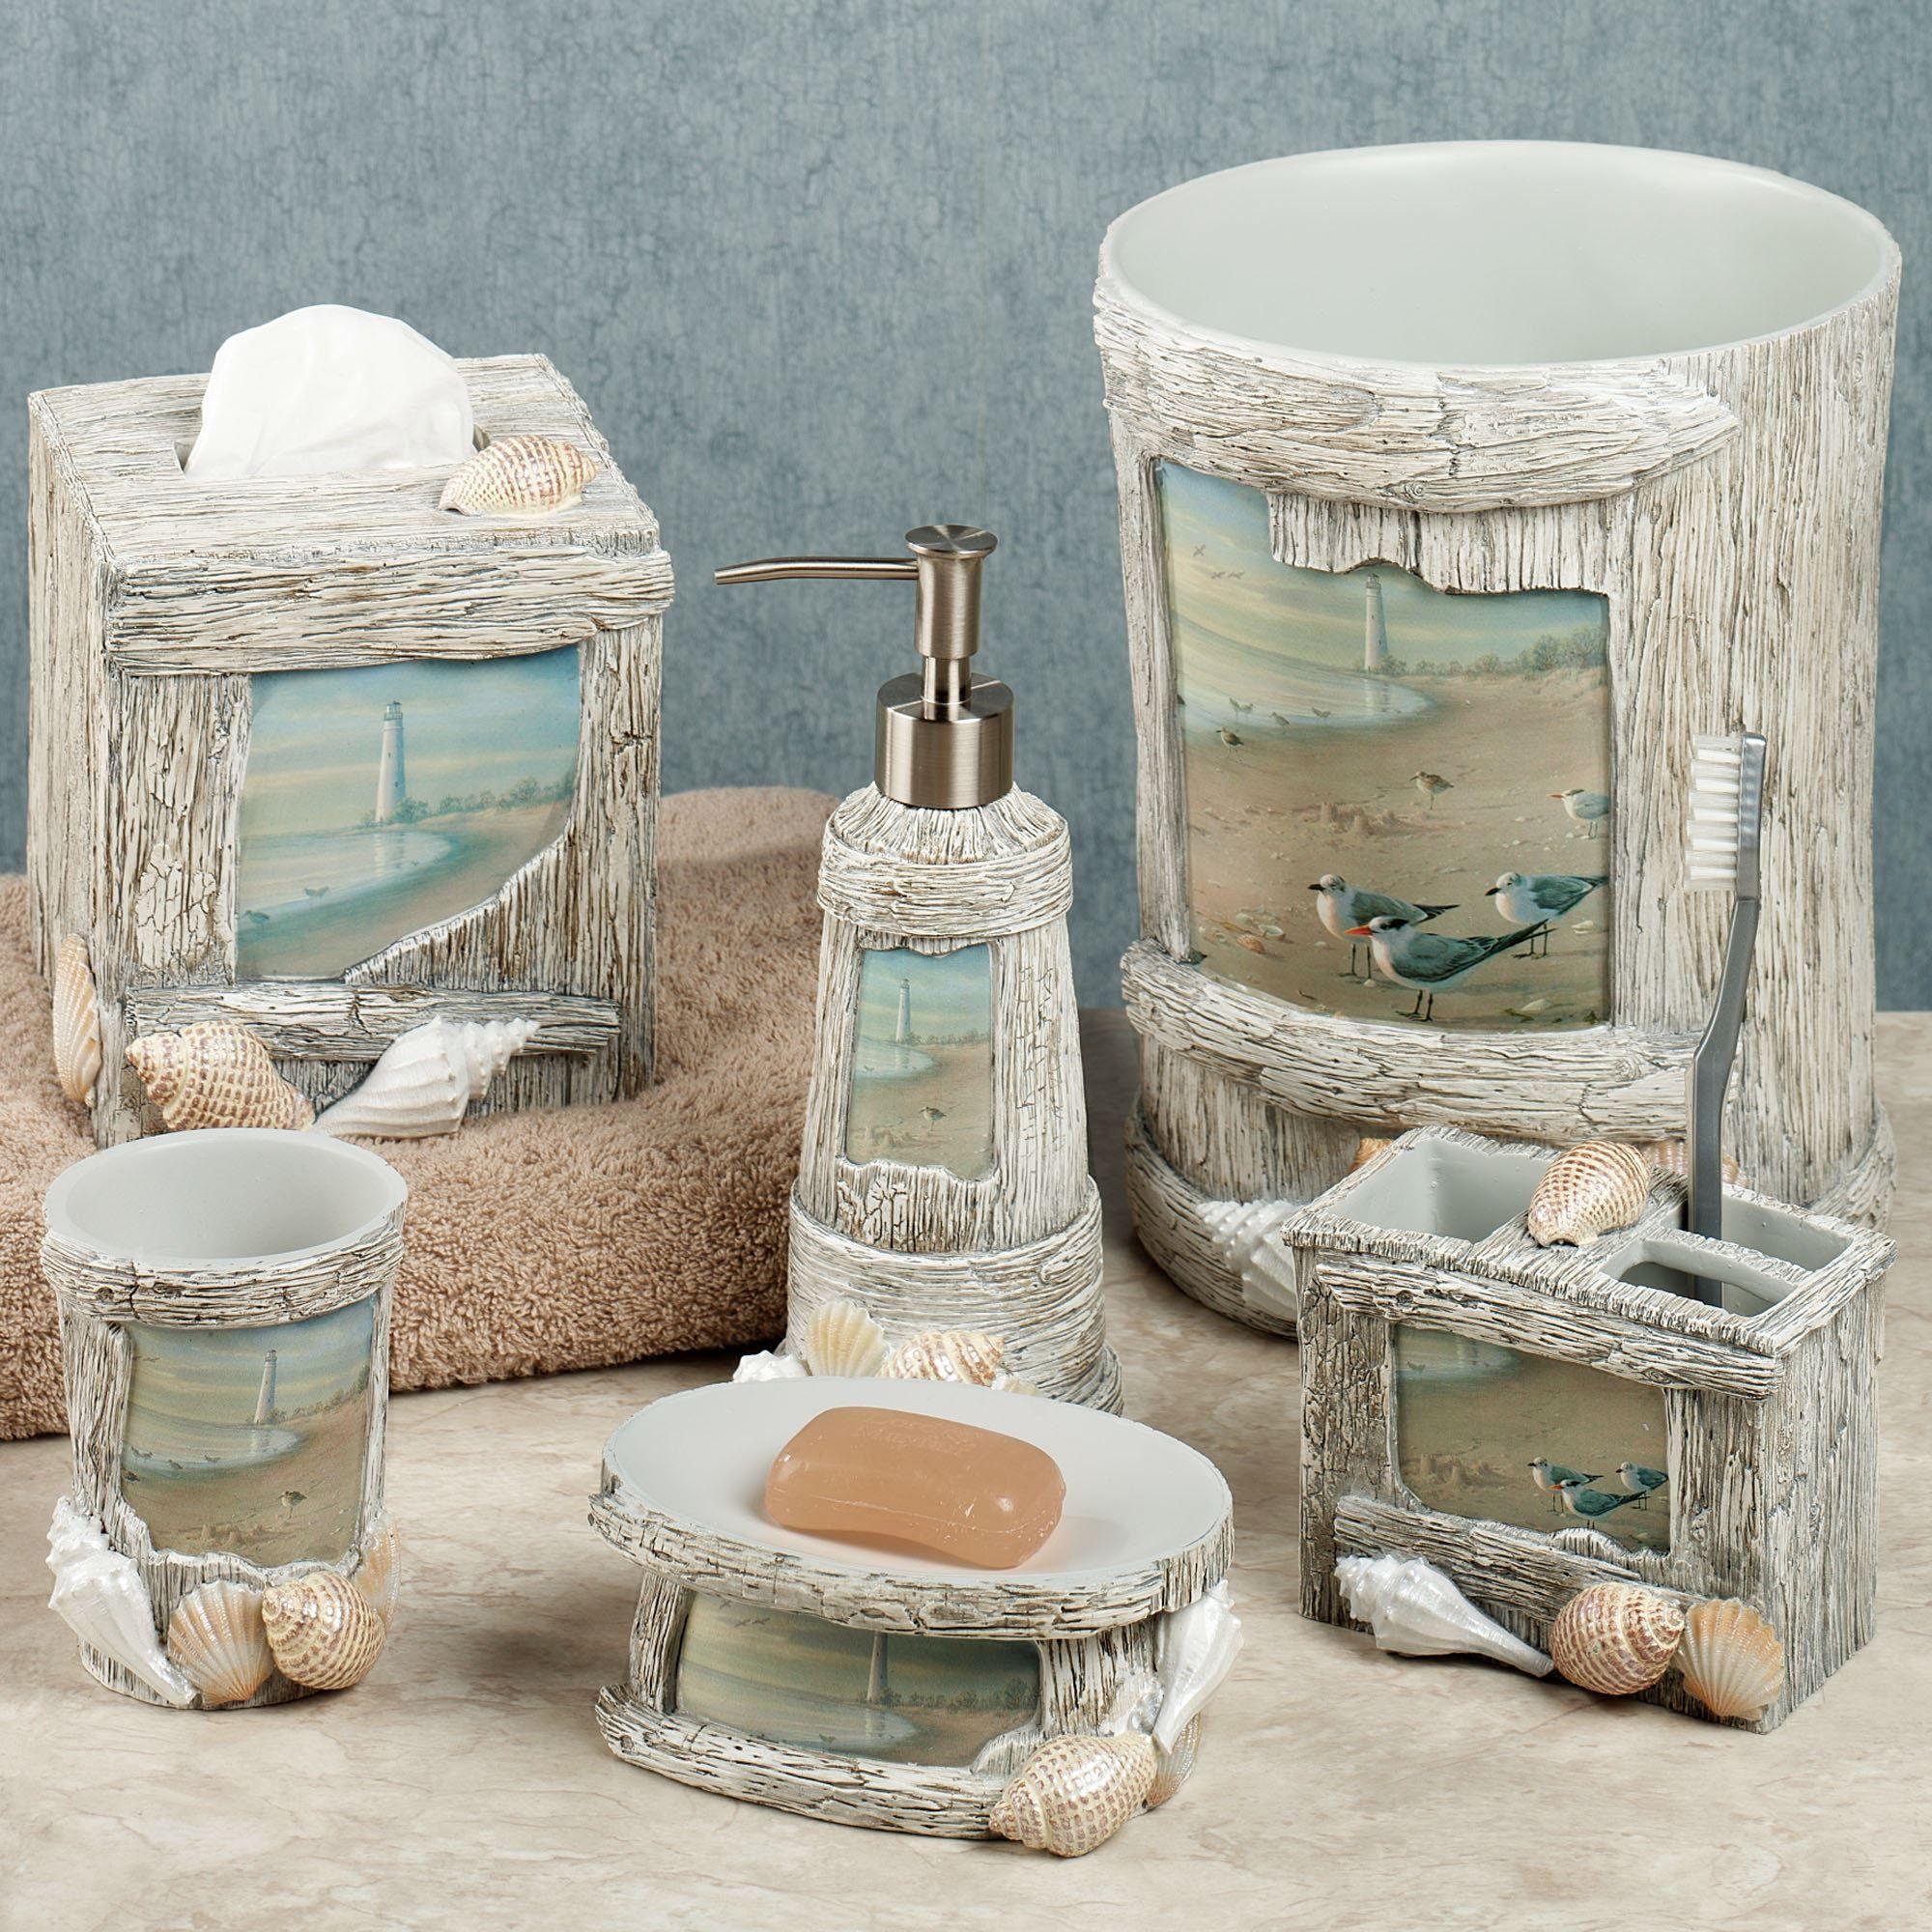 bath decor | home bath bath accessories at the beach bath